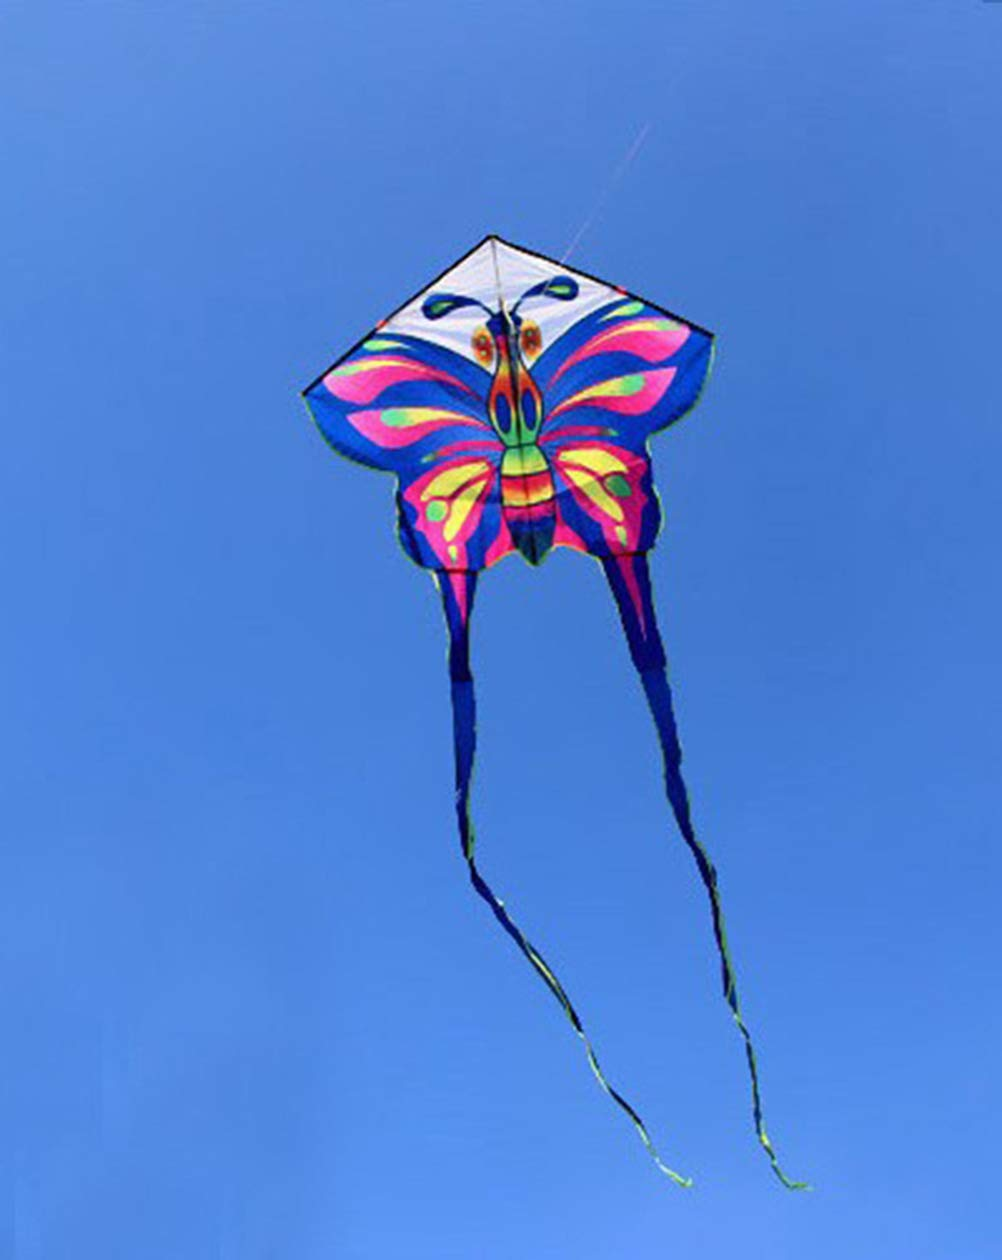 BLU Mayco Bell Cometas de Larga Cola Mariposa Cometa con manija l/ínea ni/ños Volando al Aire Libre Juguetes